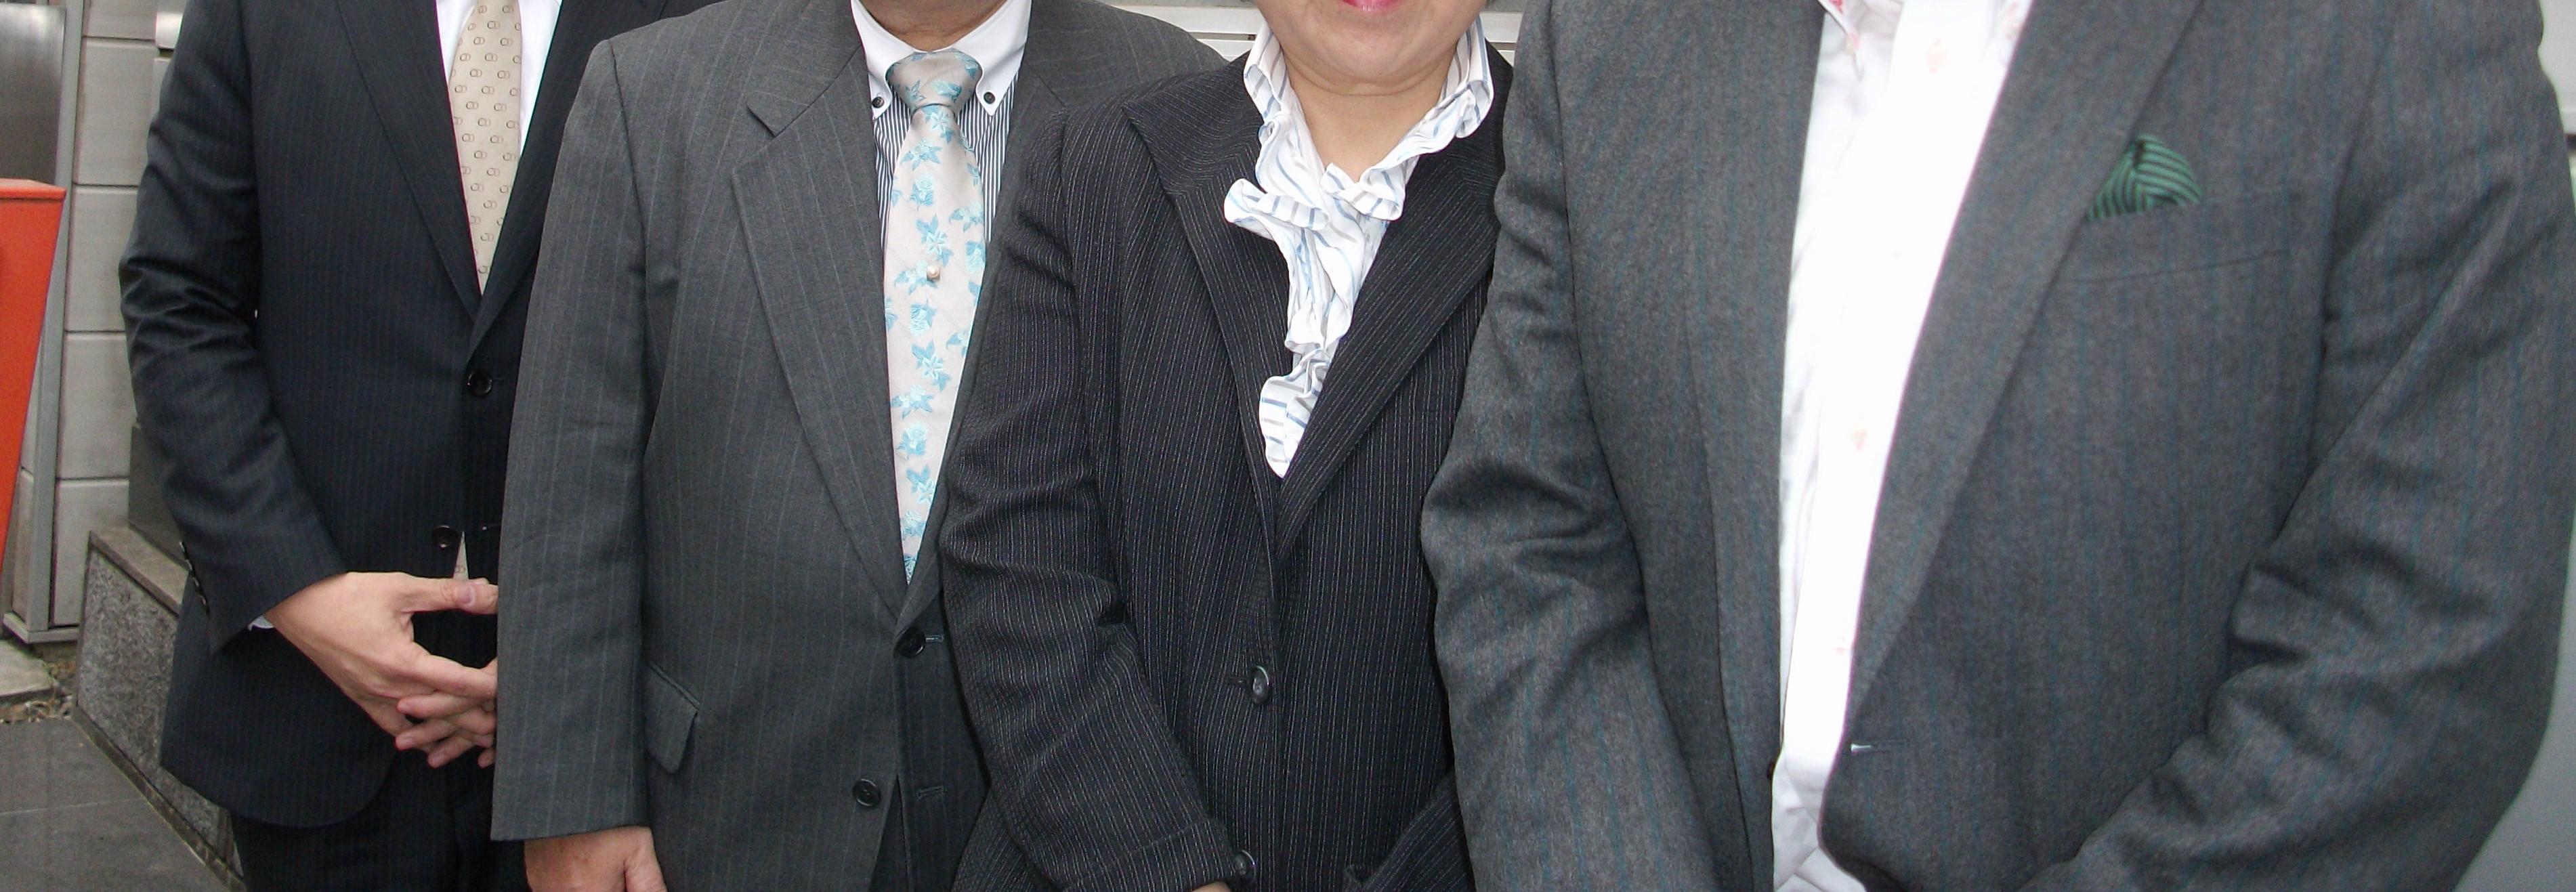 訪問介護の成功社長インタビュー写真